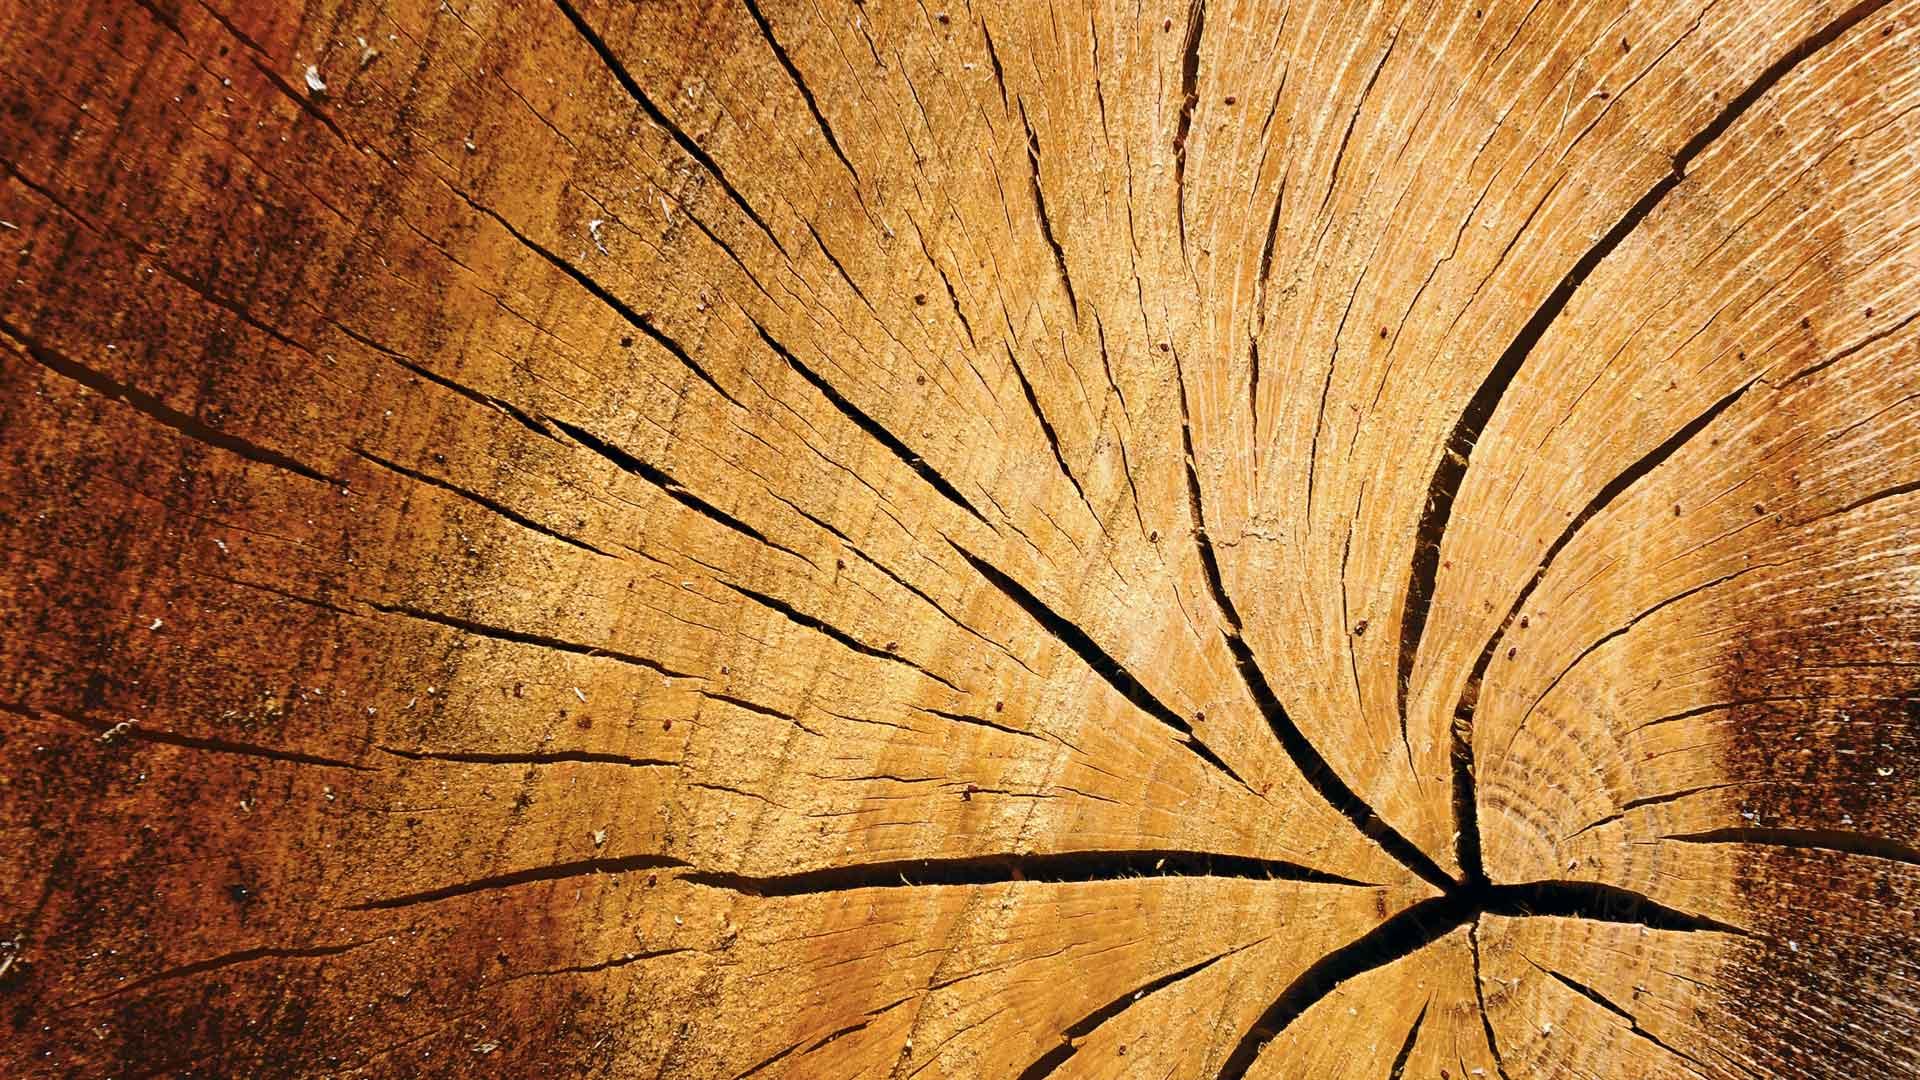 Thomas schaldach bilder news infos aus dem web for Holz wallpaper